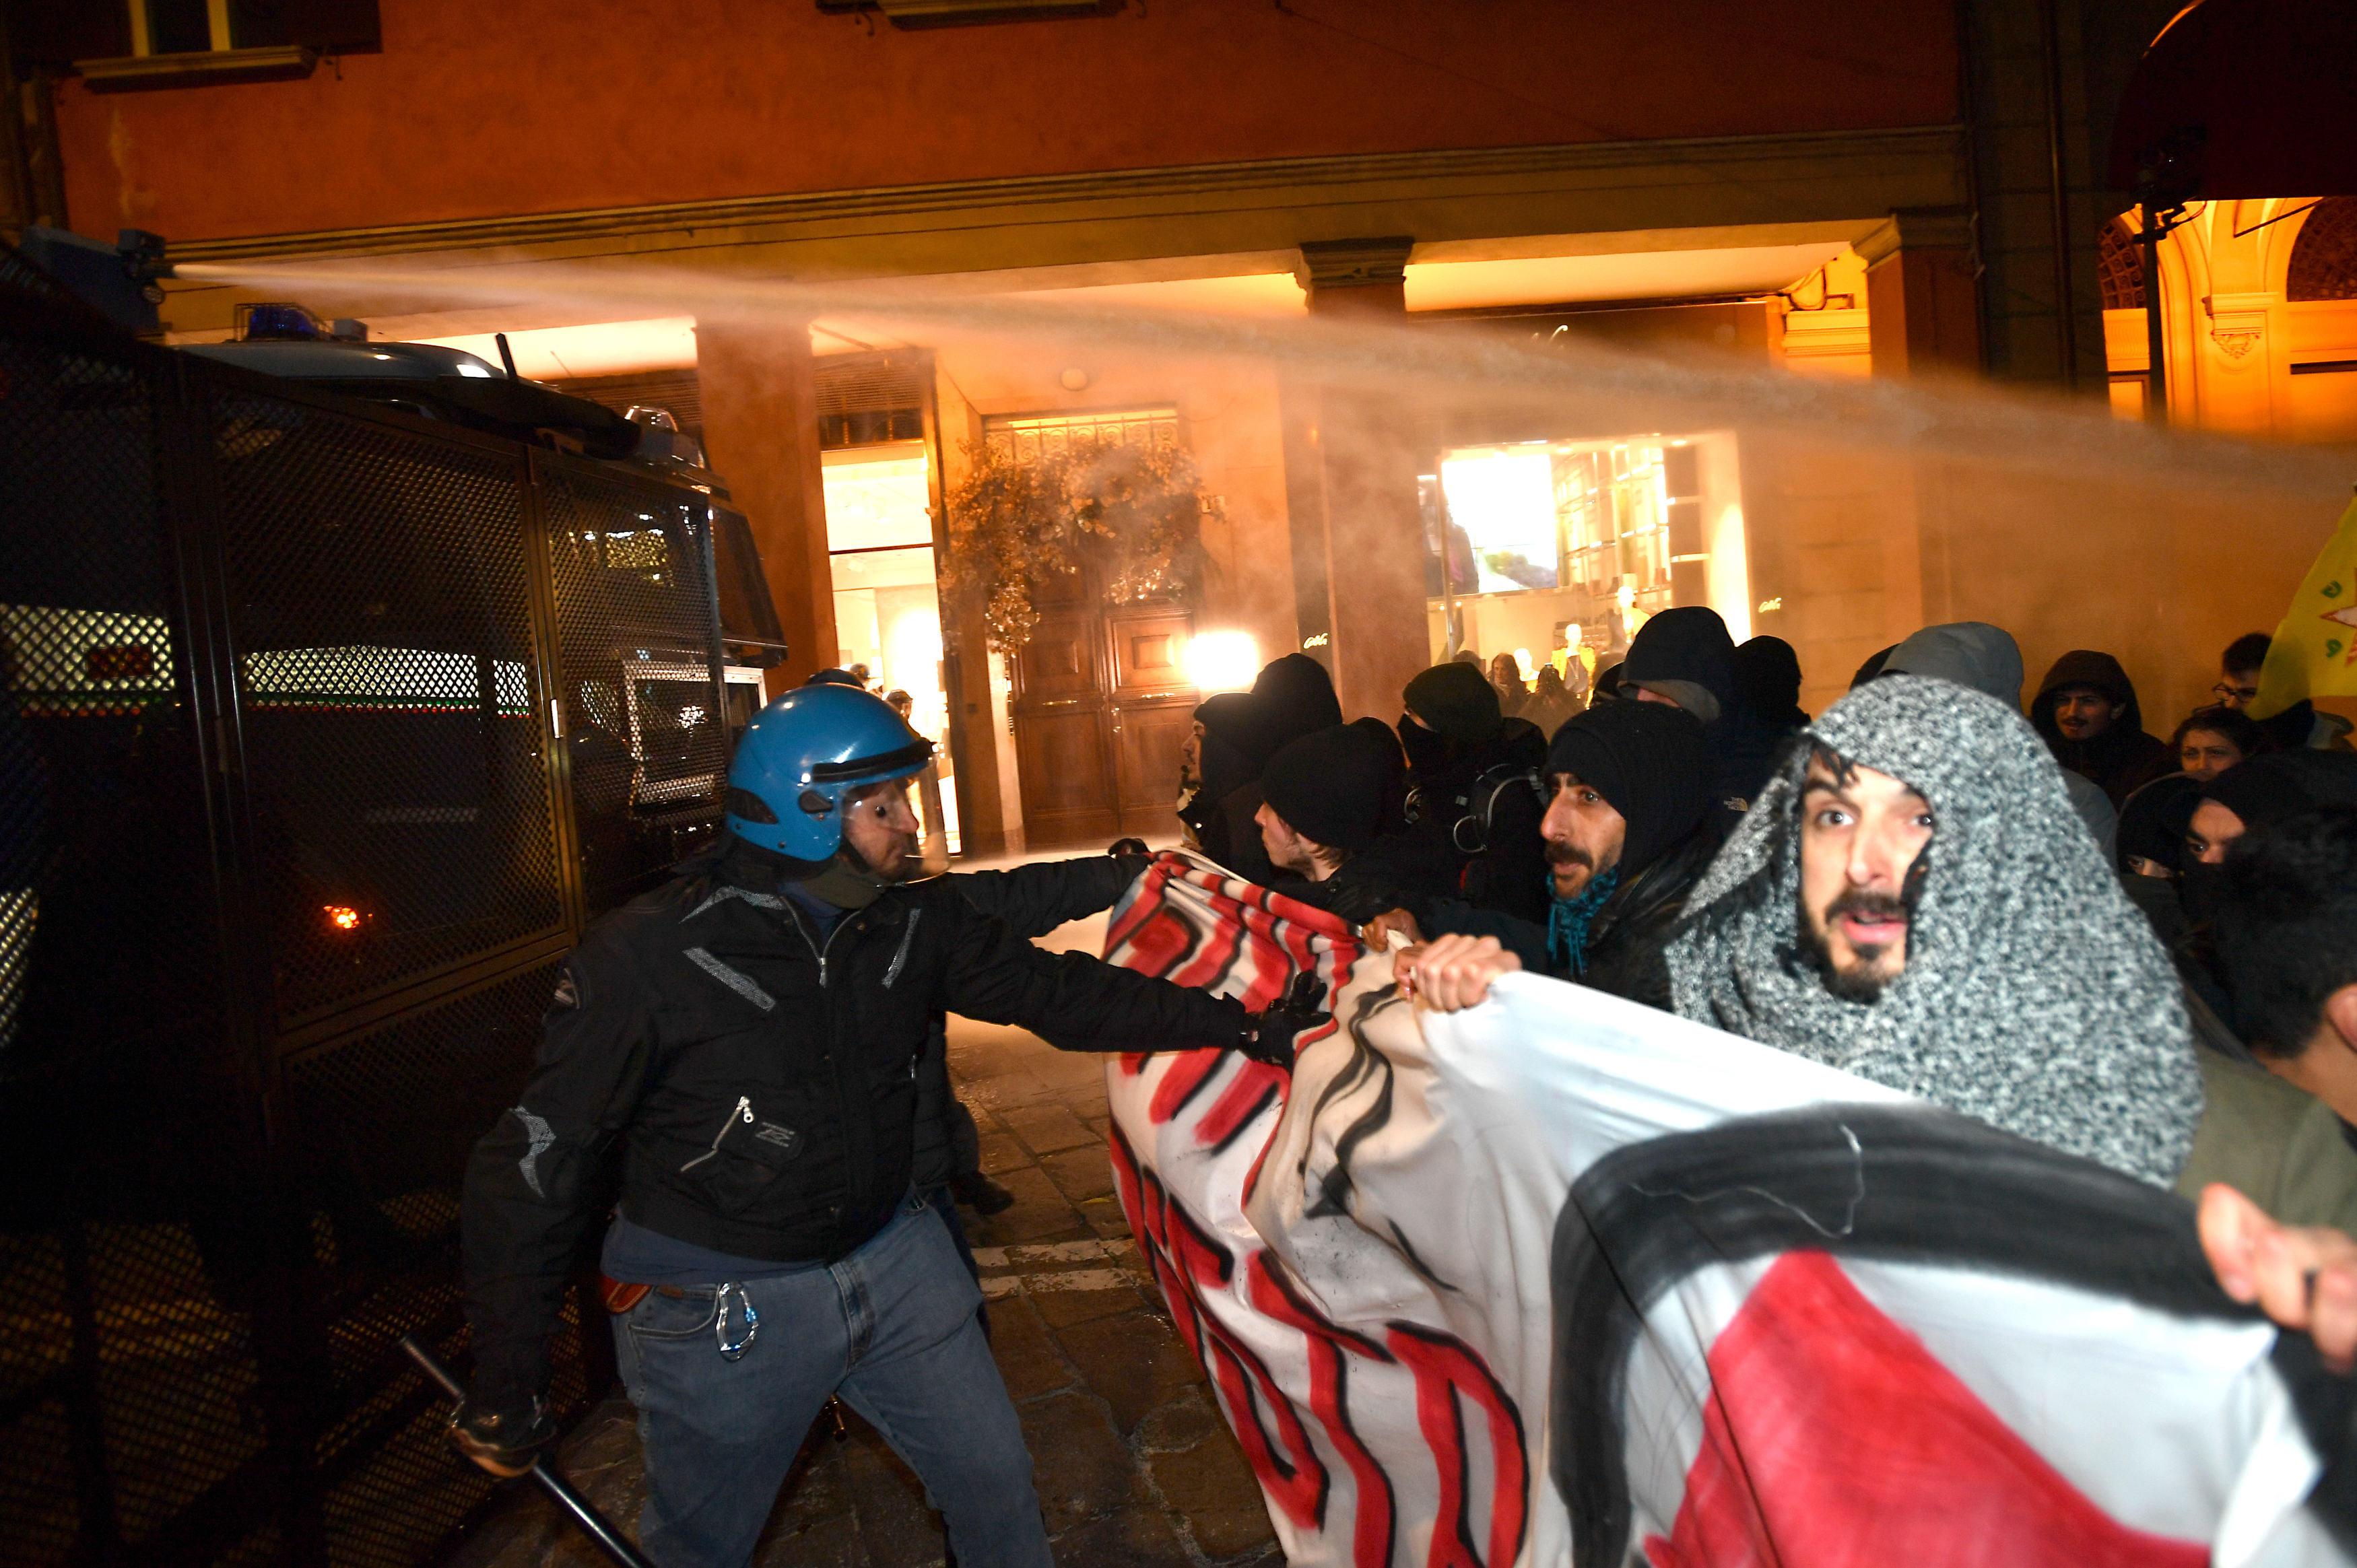 Scontri a Bologna, polizia sgombera presidio degli antagonisti